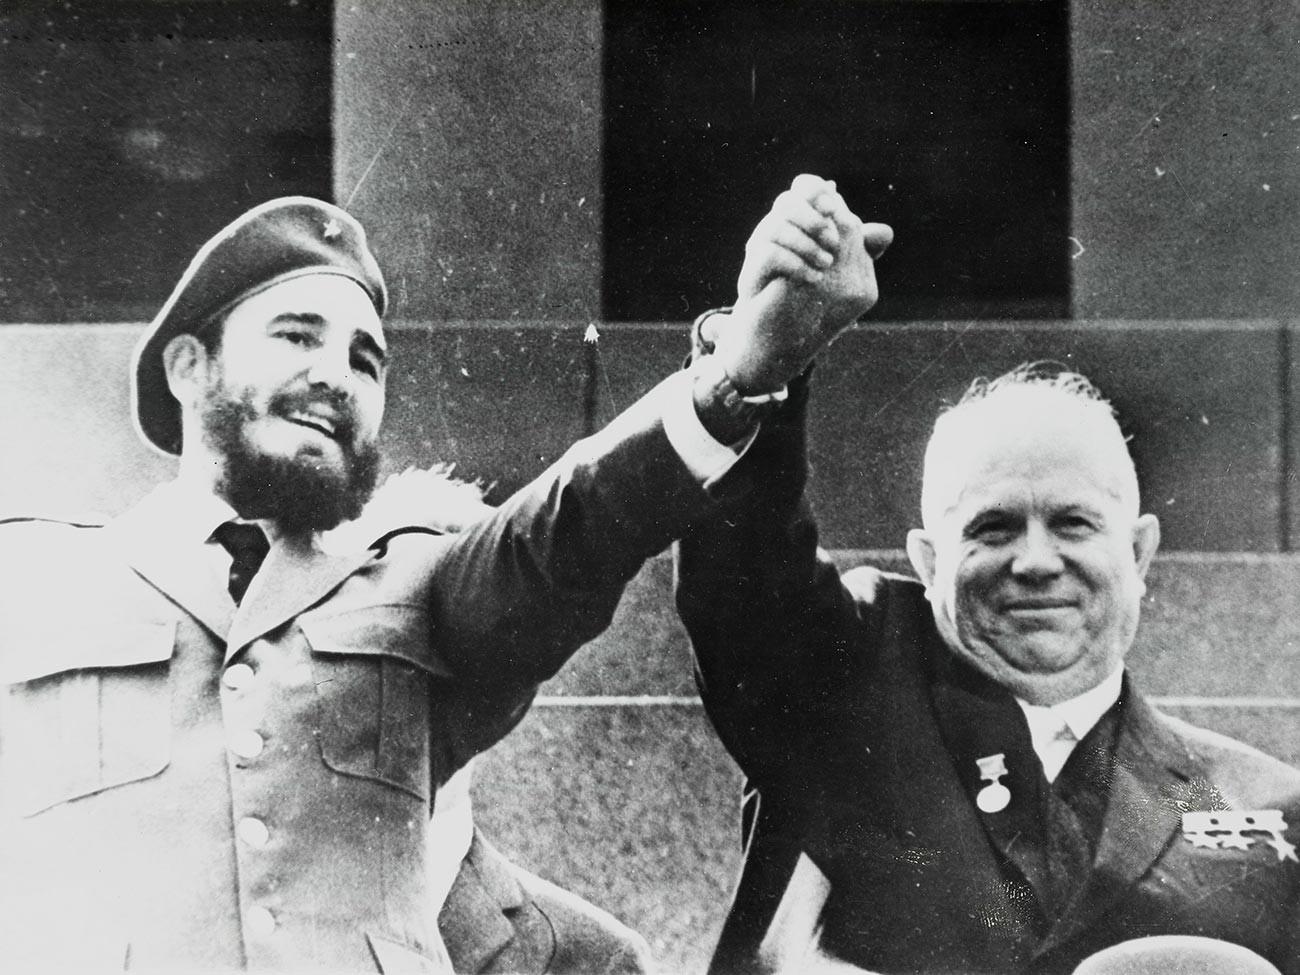 Никита Хрушчов и Фидел Кастро на првомајска парада на Црвениот плоштад во Москва.